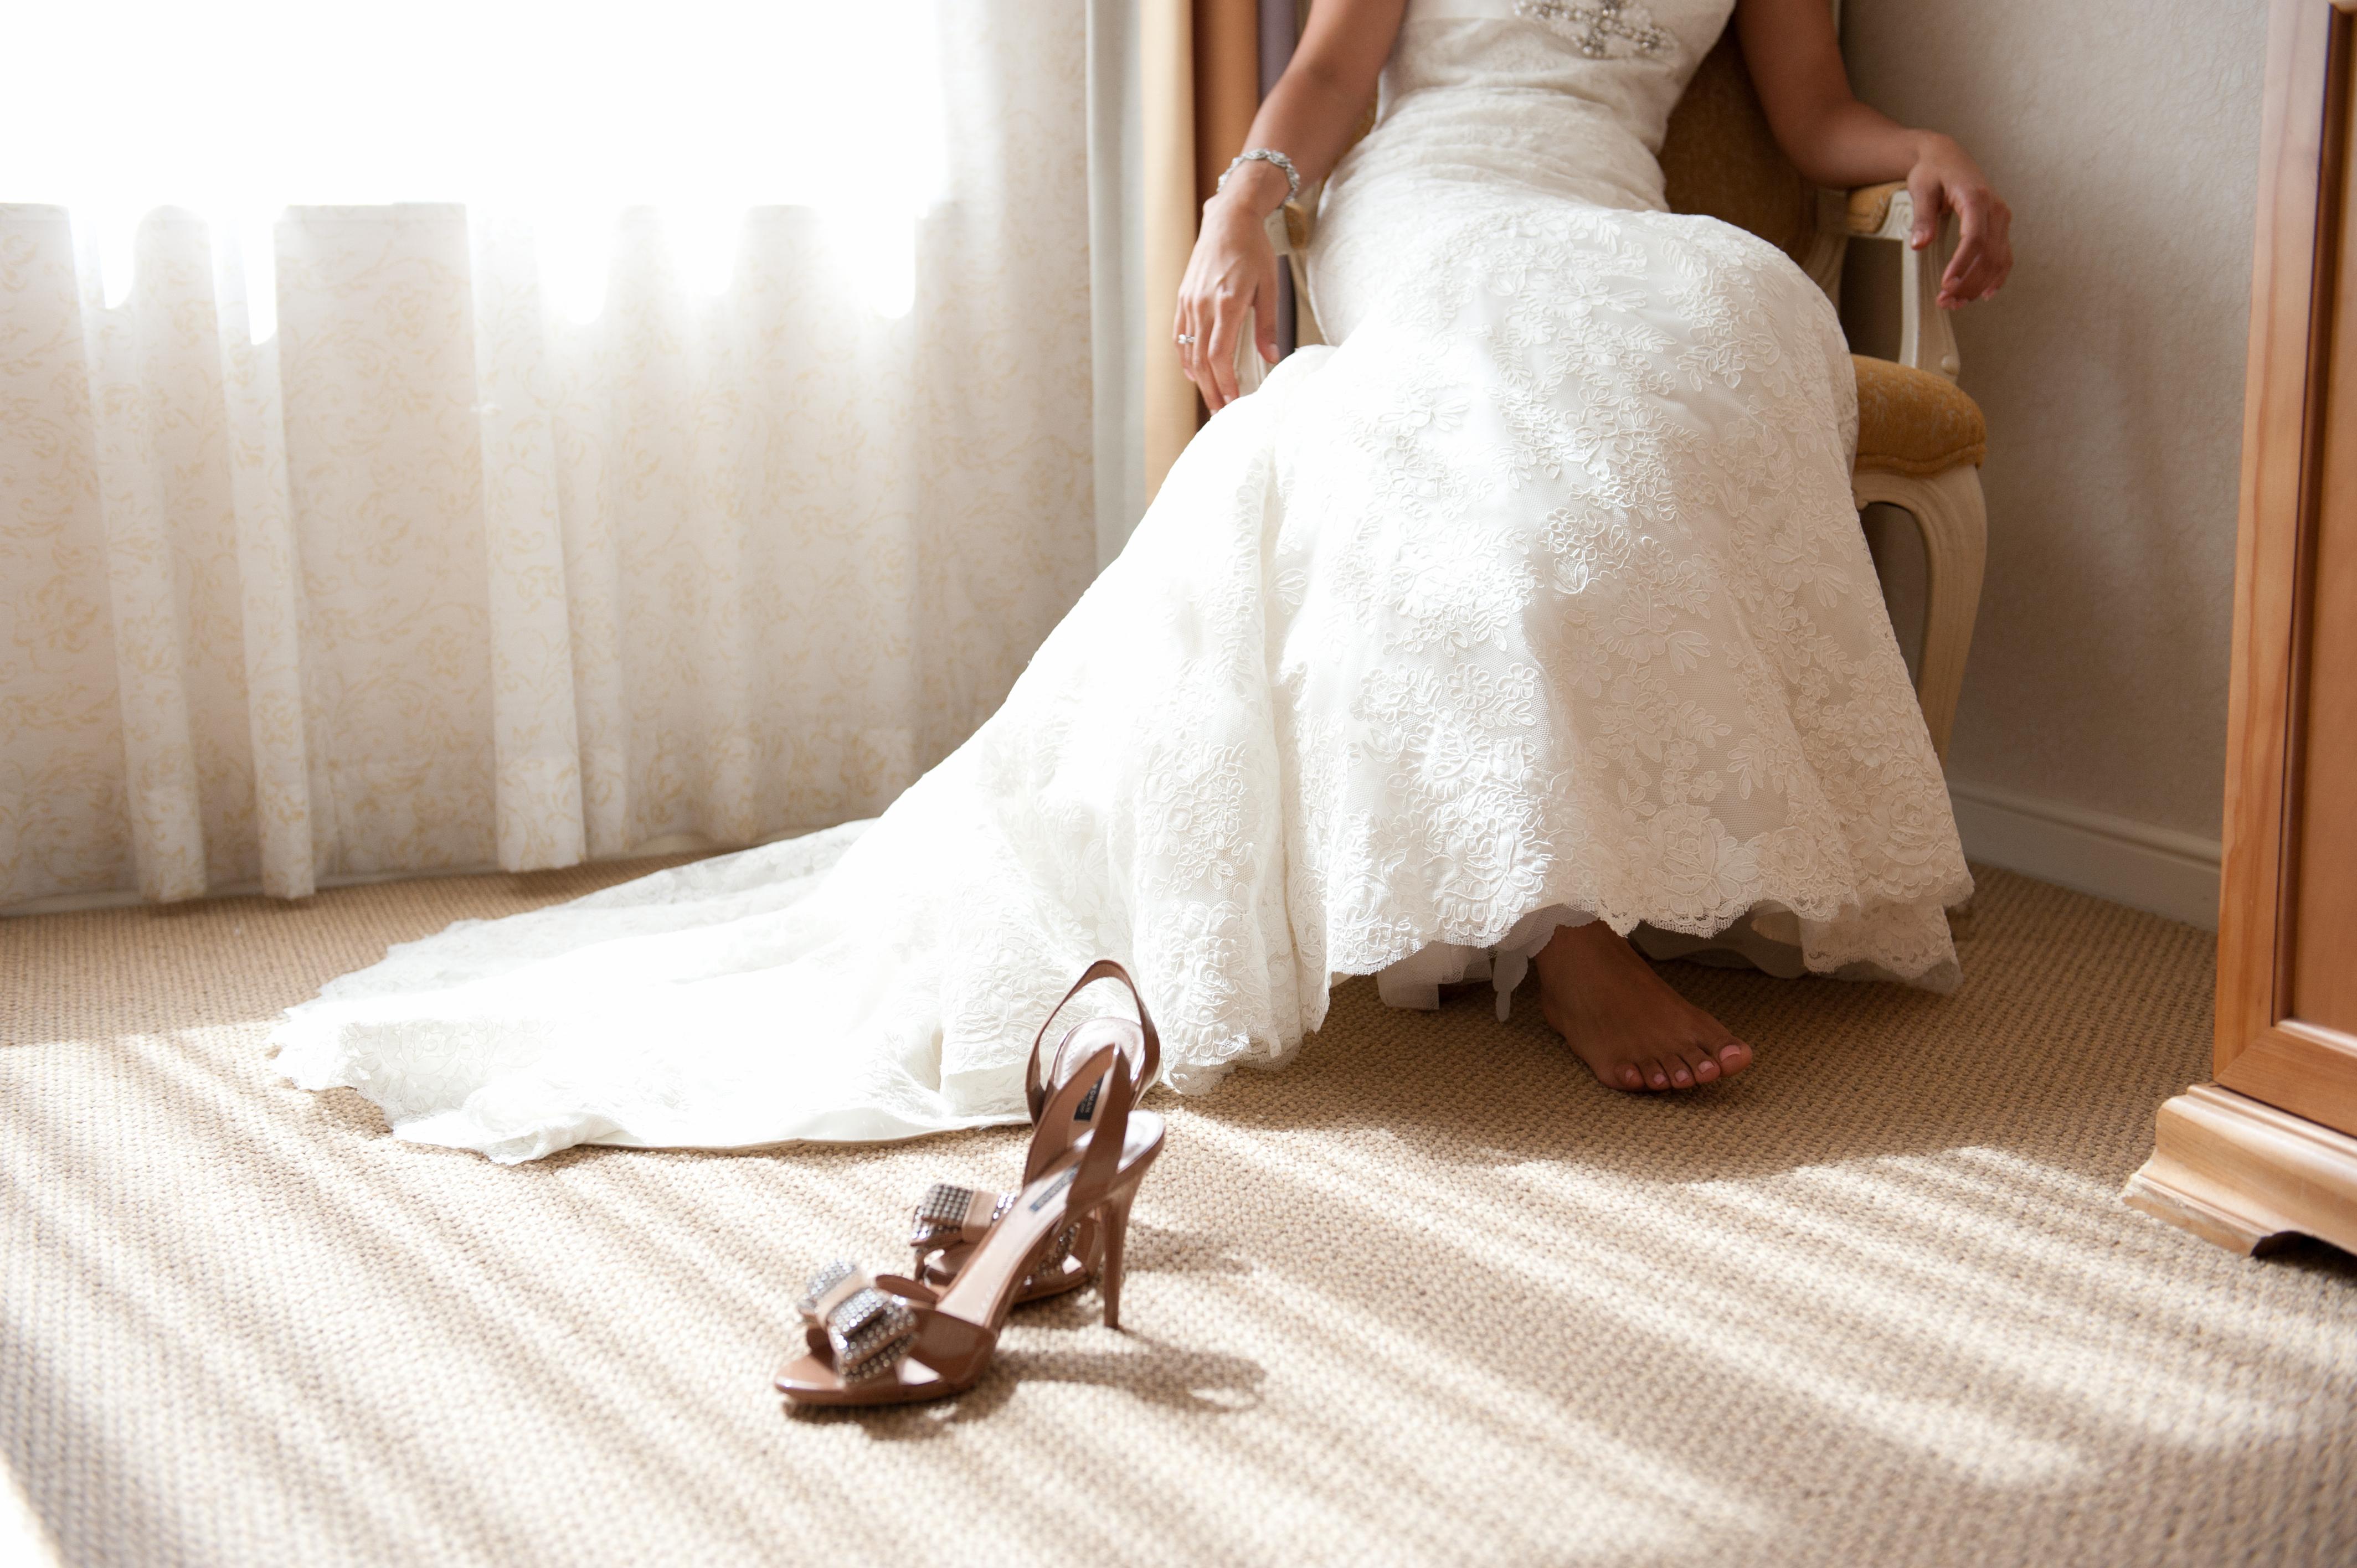 Idealne Buty Na ślub Czym Się Kierować Podczas Zakupów Justmarry